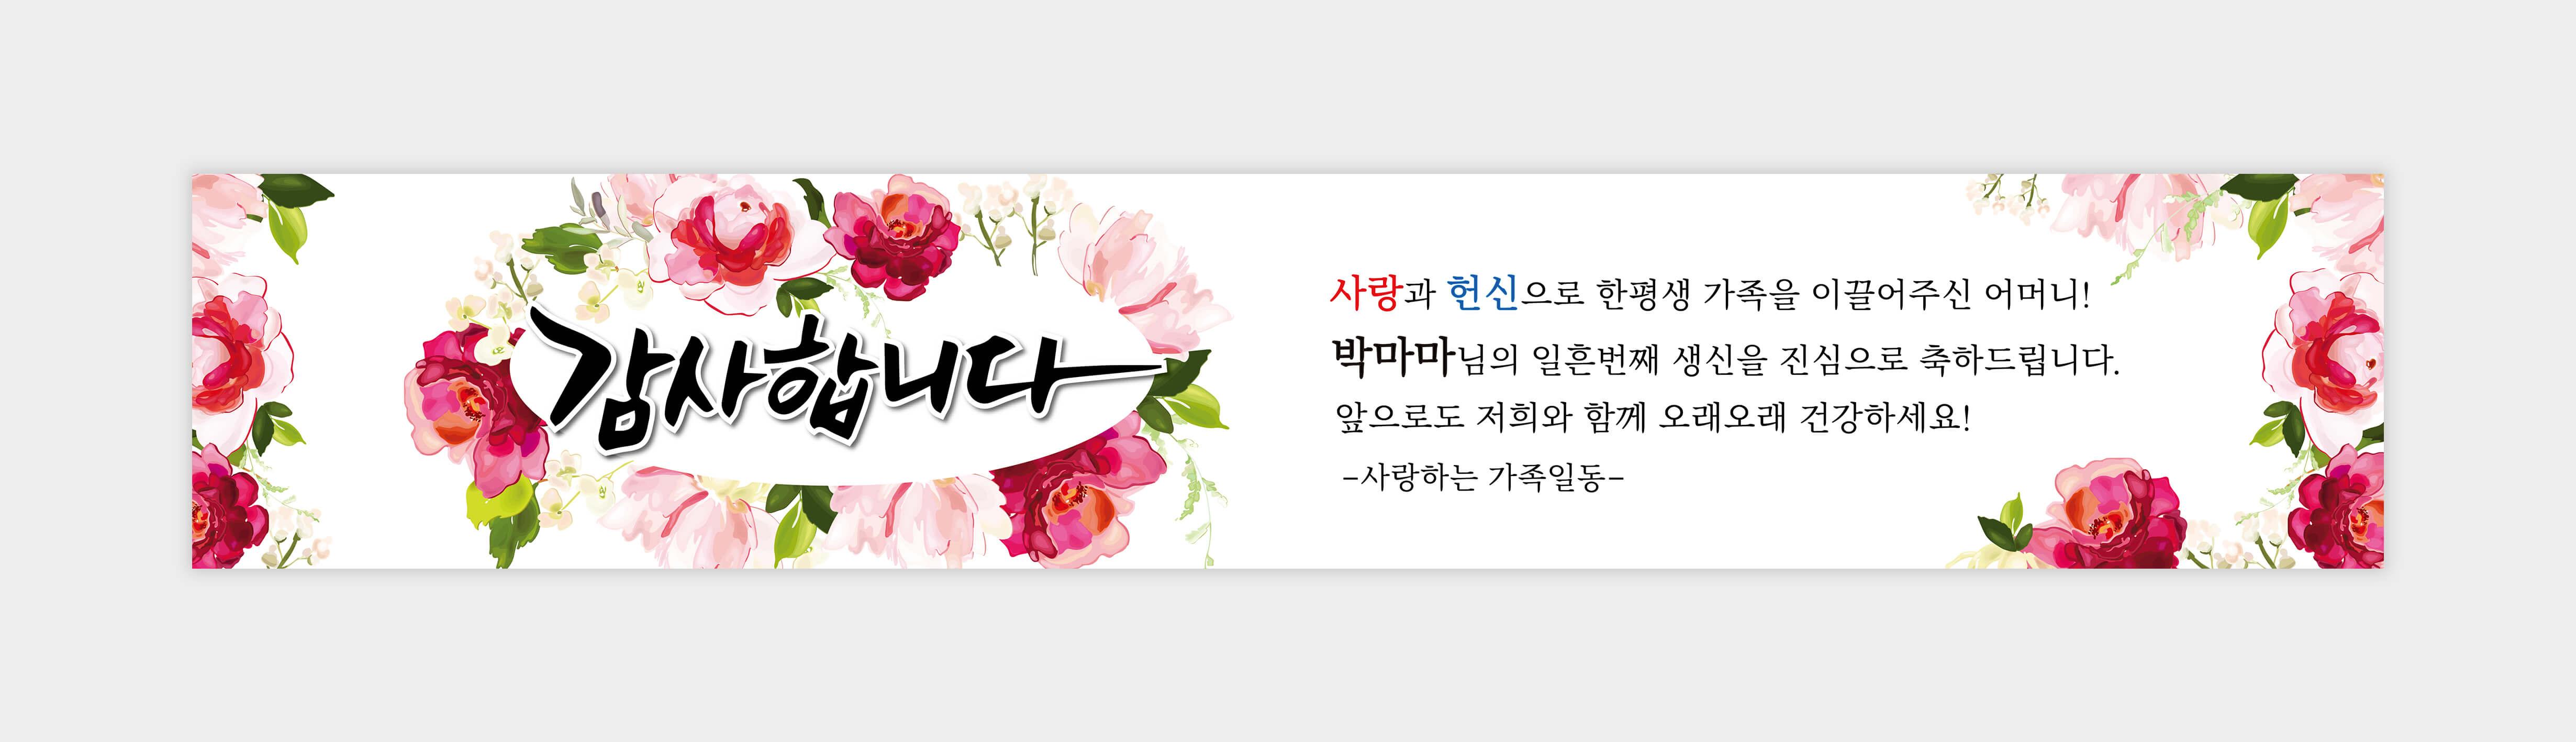 현수막_034